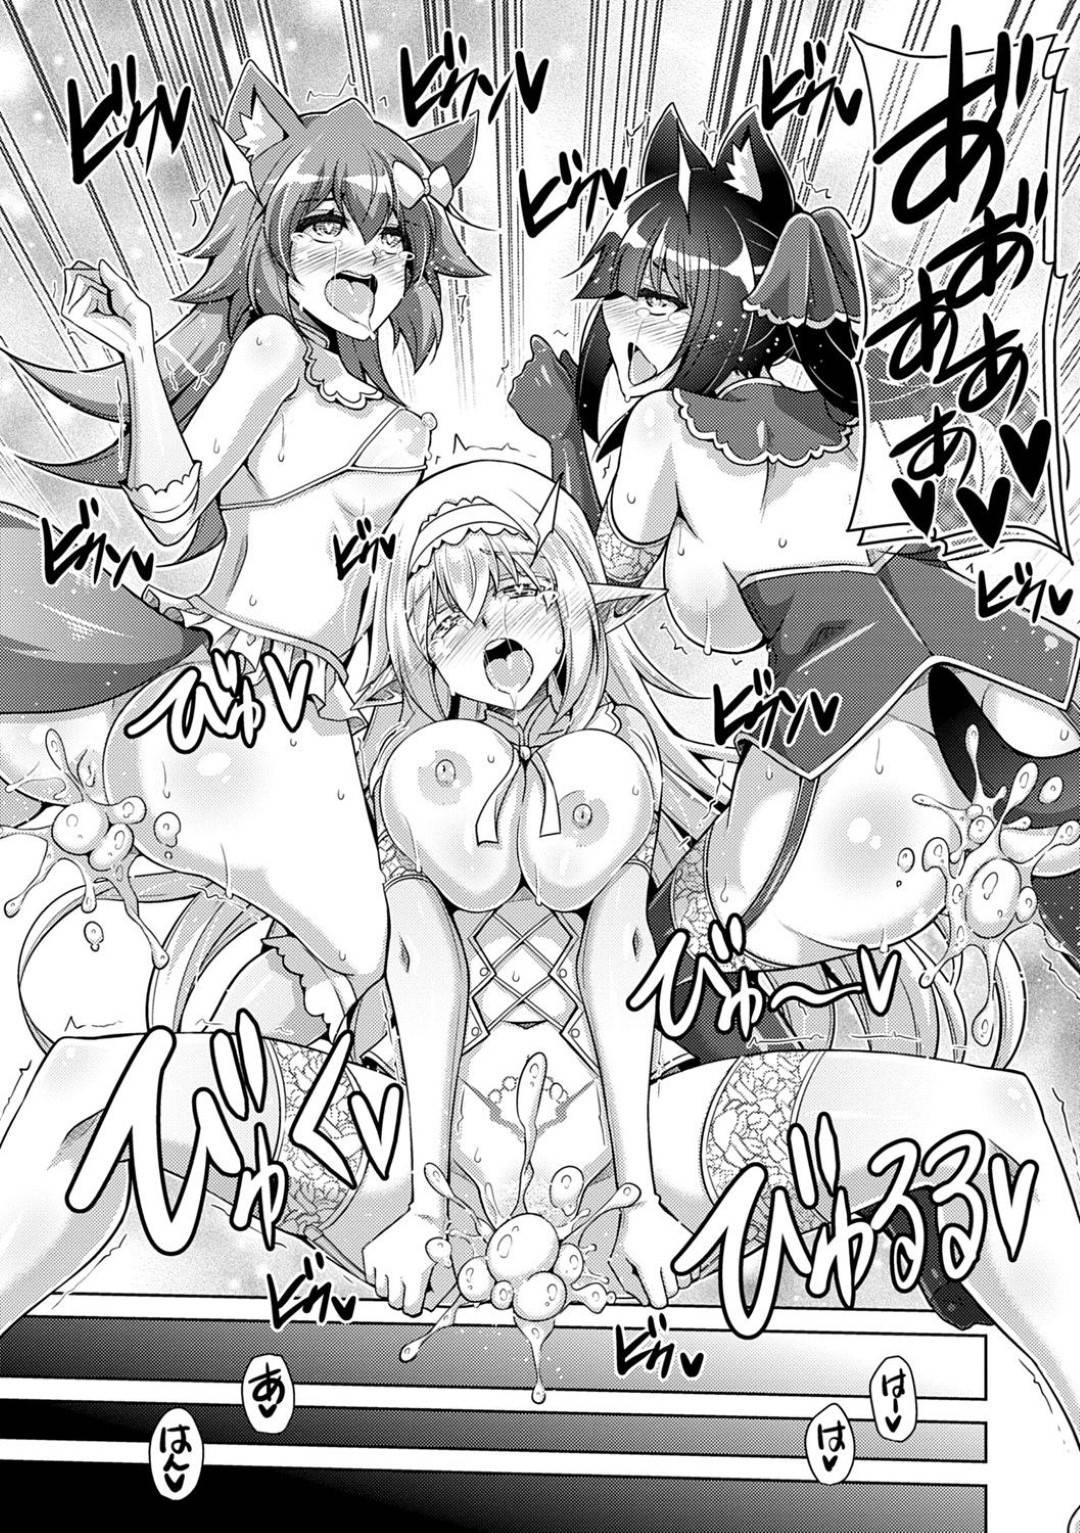 【エロ漫画】ハーレム生活を手に入れたオタク男はメイド美女に騎乗位で跨がらせて、誇らしげな様子を浮かべる!完全にメス奴隷と化しているメイドを手懐け、仲間を集めさせて夢のハーレム風呂で4Pセックスで中出ししまくり!